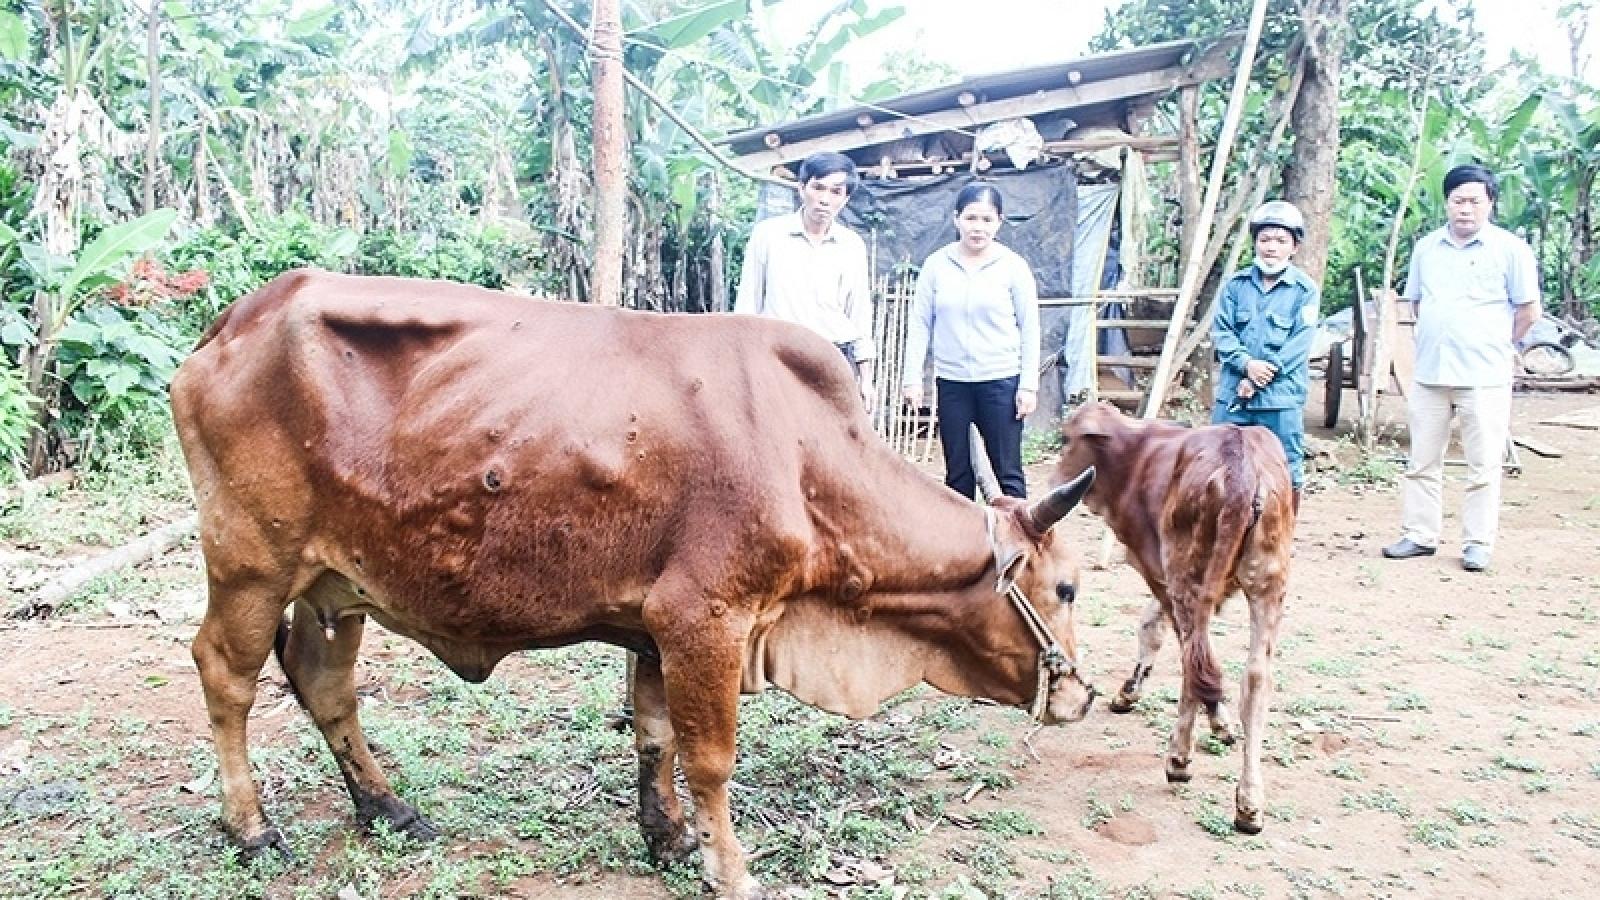 Triển khai quyết liệt các giải pháp phòng, chống bệnh viêm da nổi cục trên trâu, bò